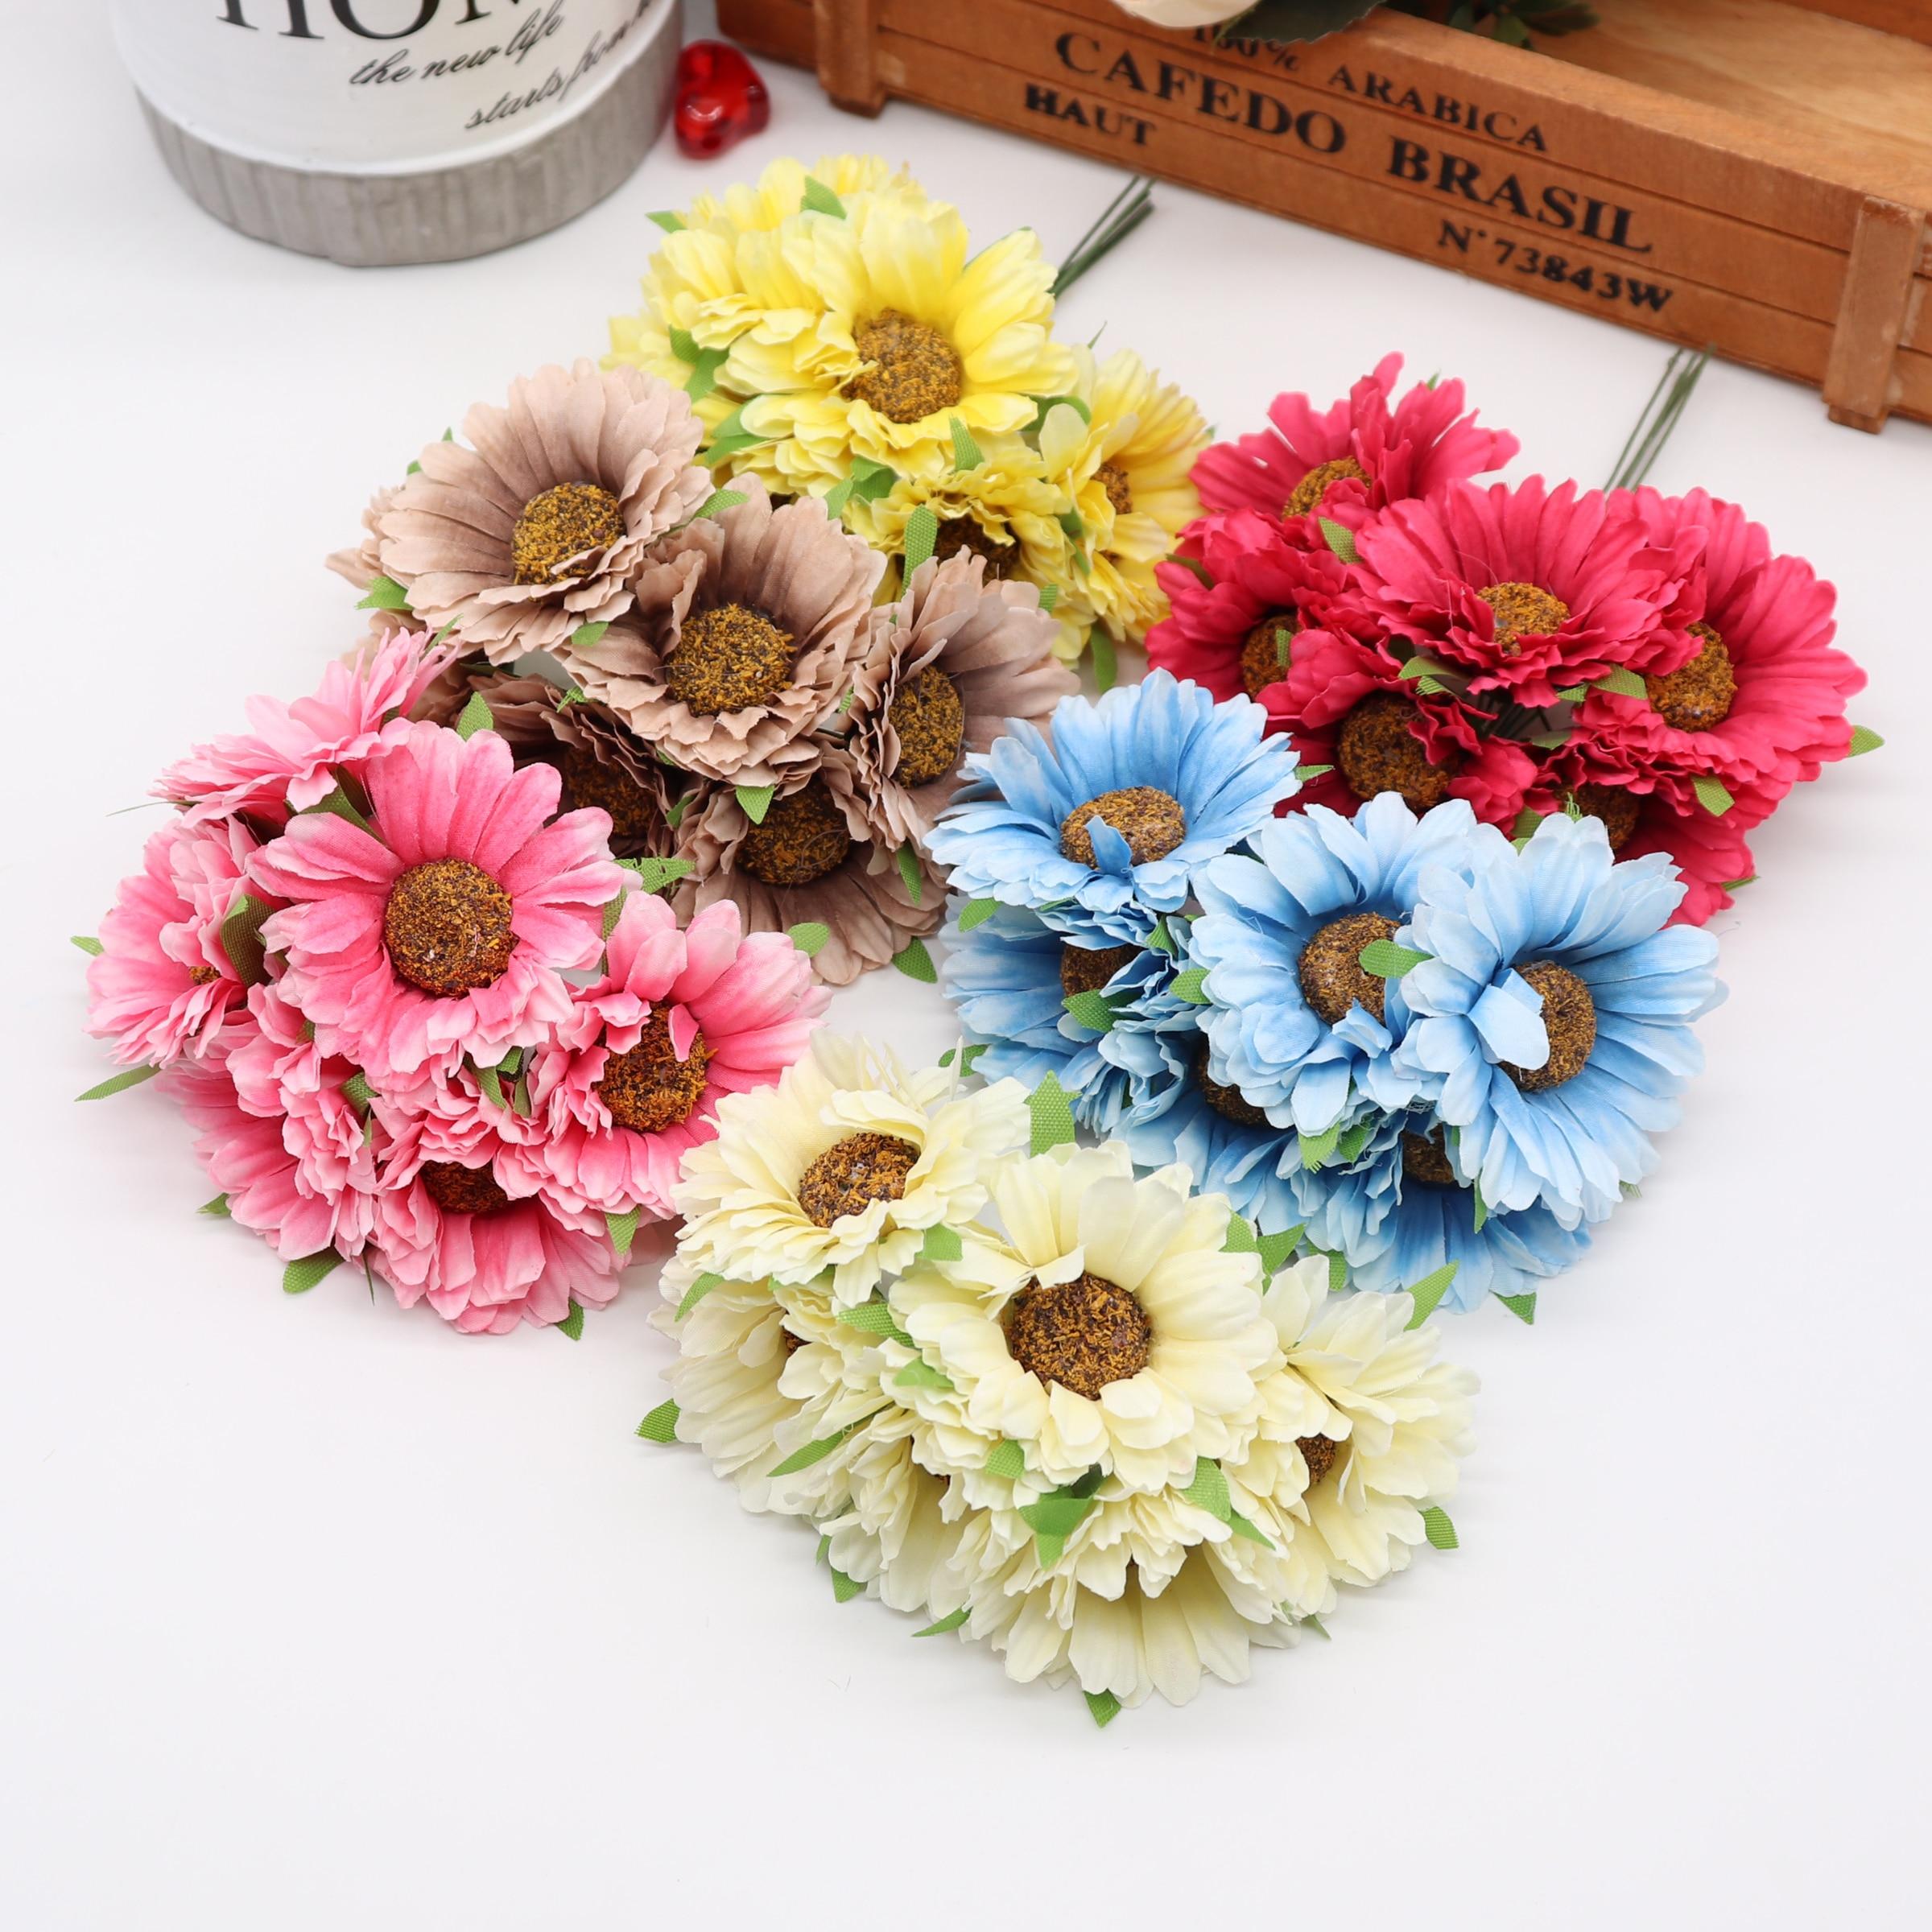 6 uds hecho a mano gerbera fashion home garden bride diy material para guirnalda boda banquete flores artificiales de decoración tijeras corona